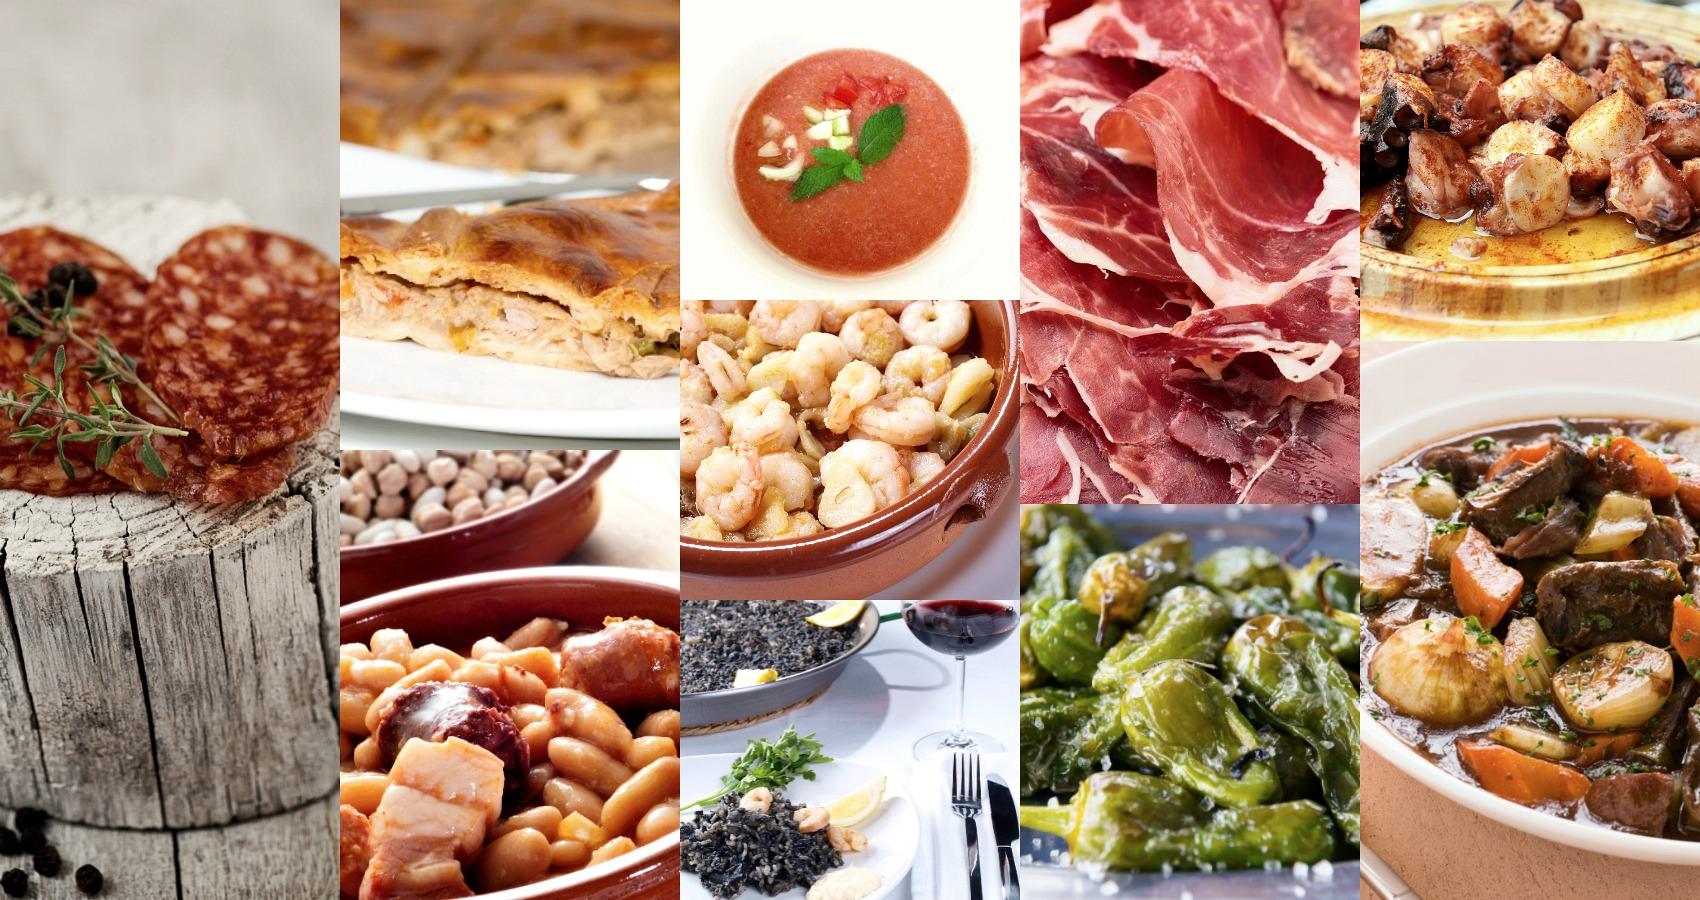 летняя испанская кухня полезна и разнообразна